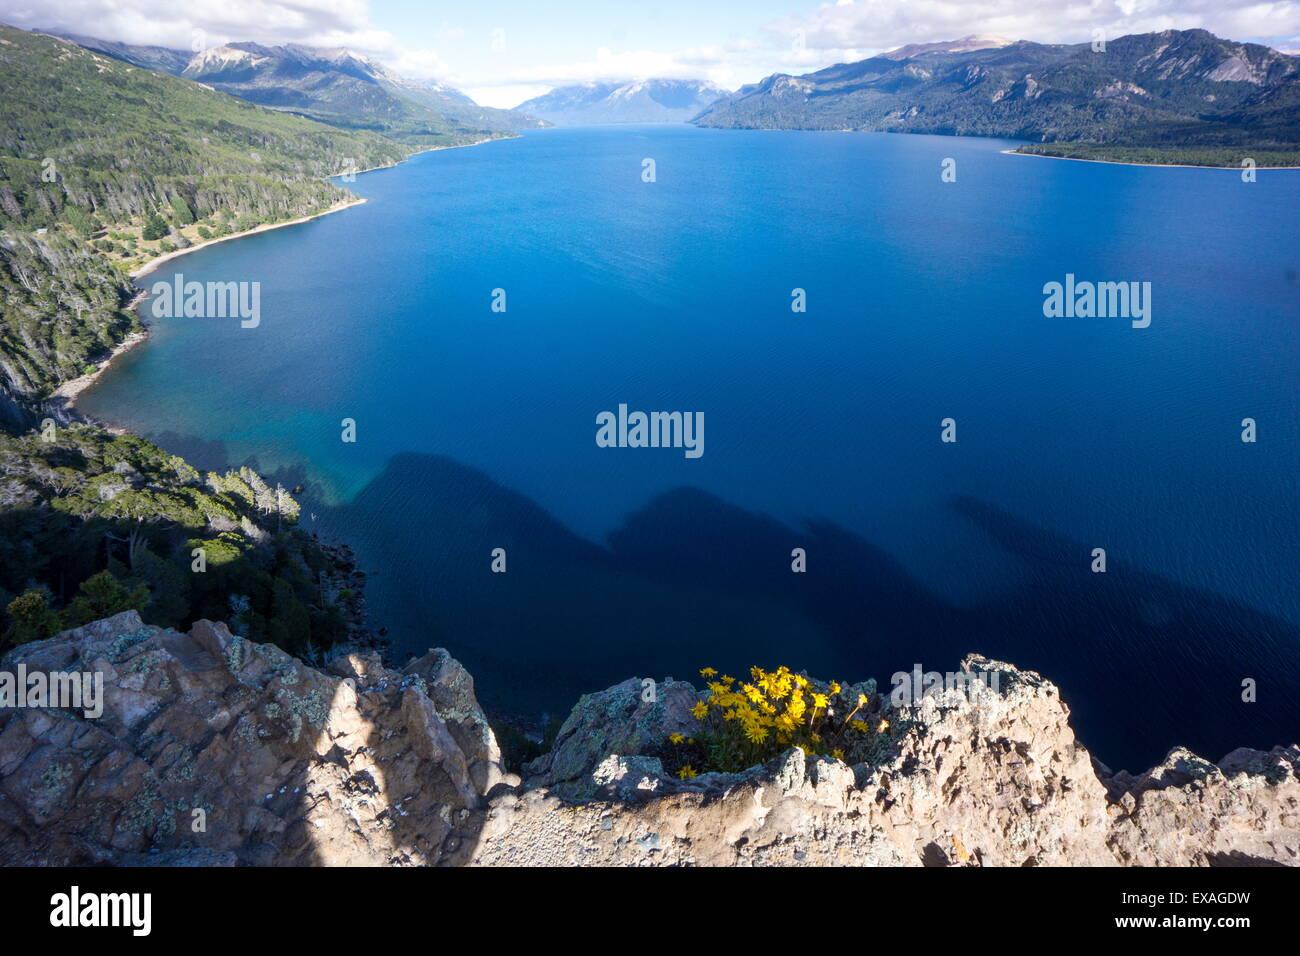 Ruta de Siete Lagos, Bariloche district, Argentina, South America - Stock Image